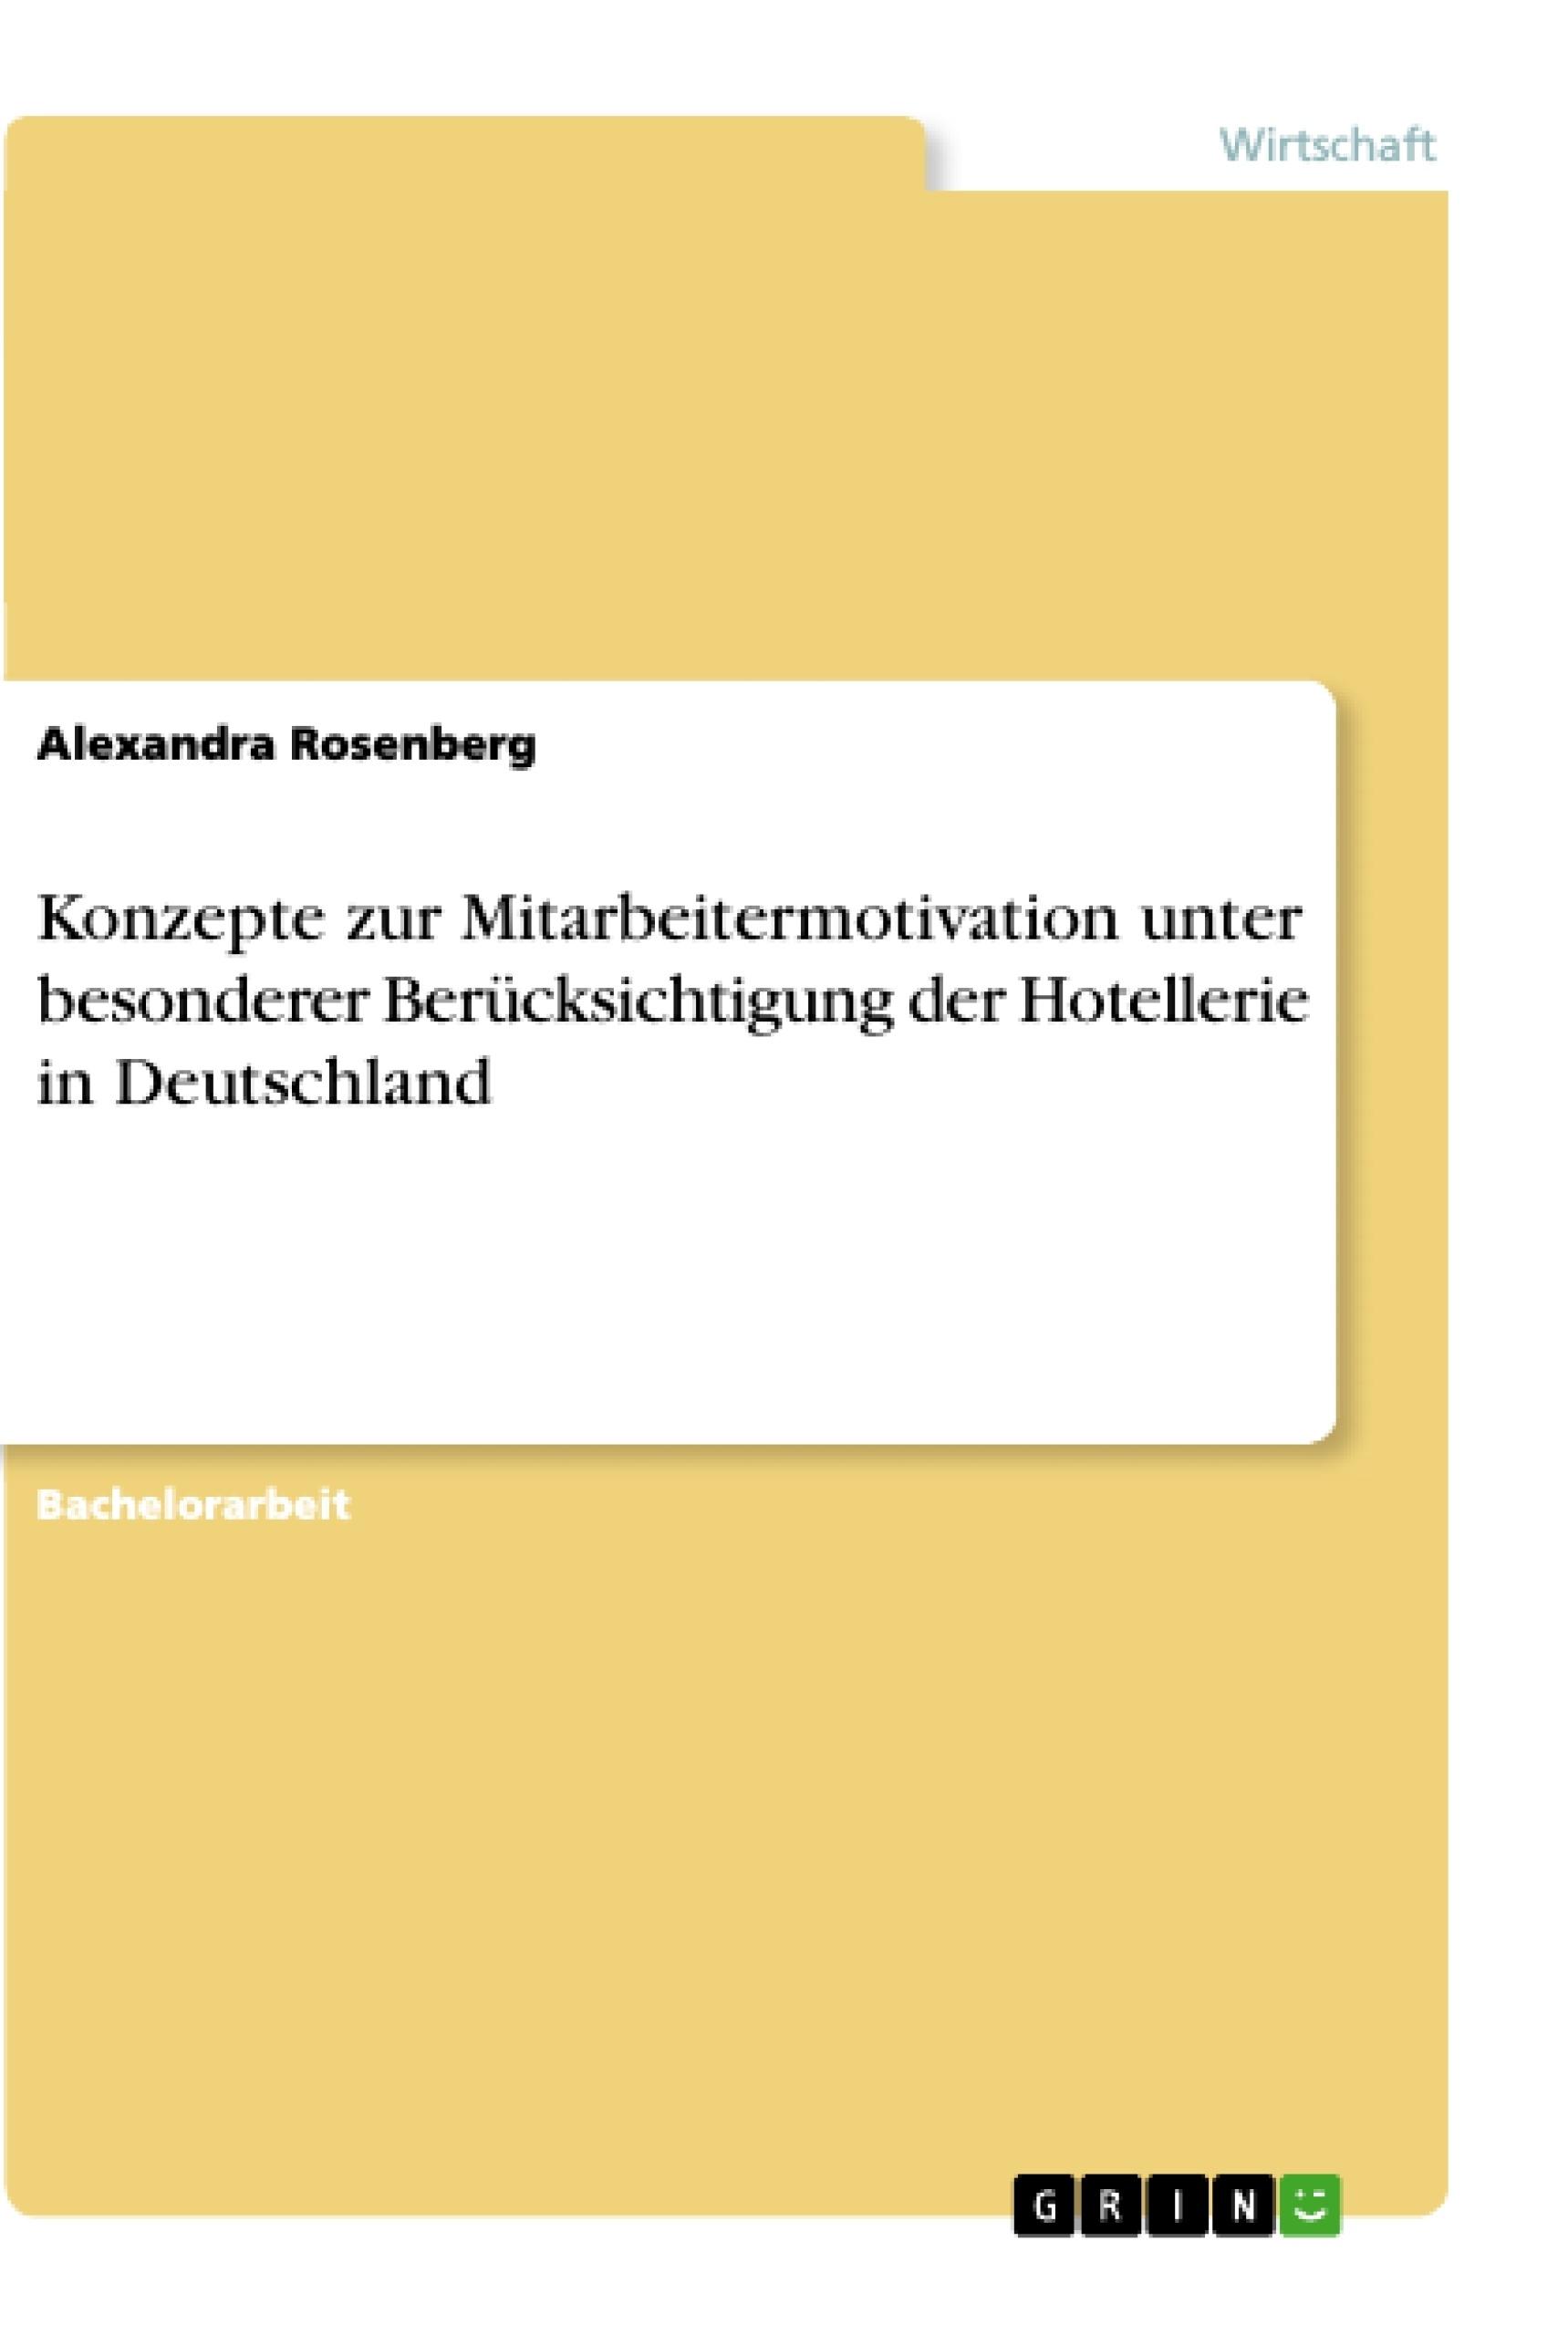 Titel: Konzepte zur Mitarbeitermotivation unter besonderer Berücksichtigung der Hotellerie in Deutschland